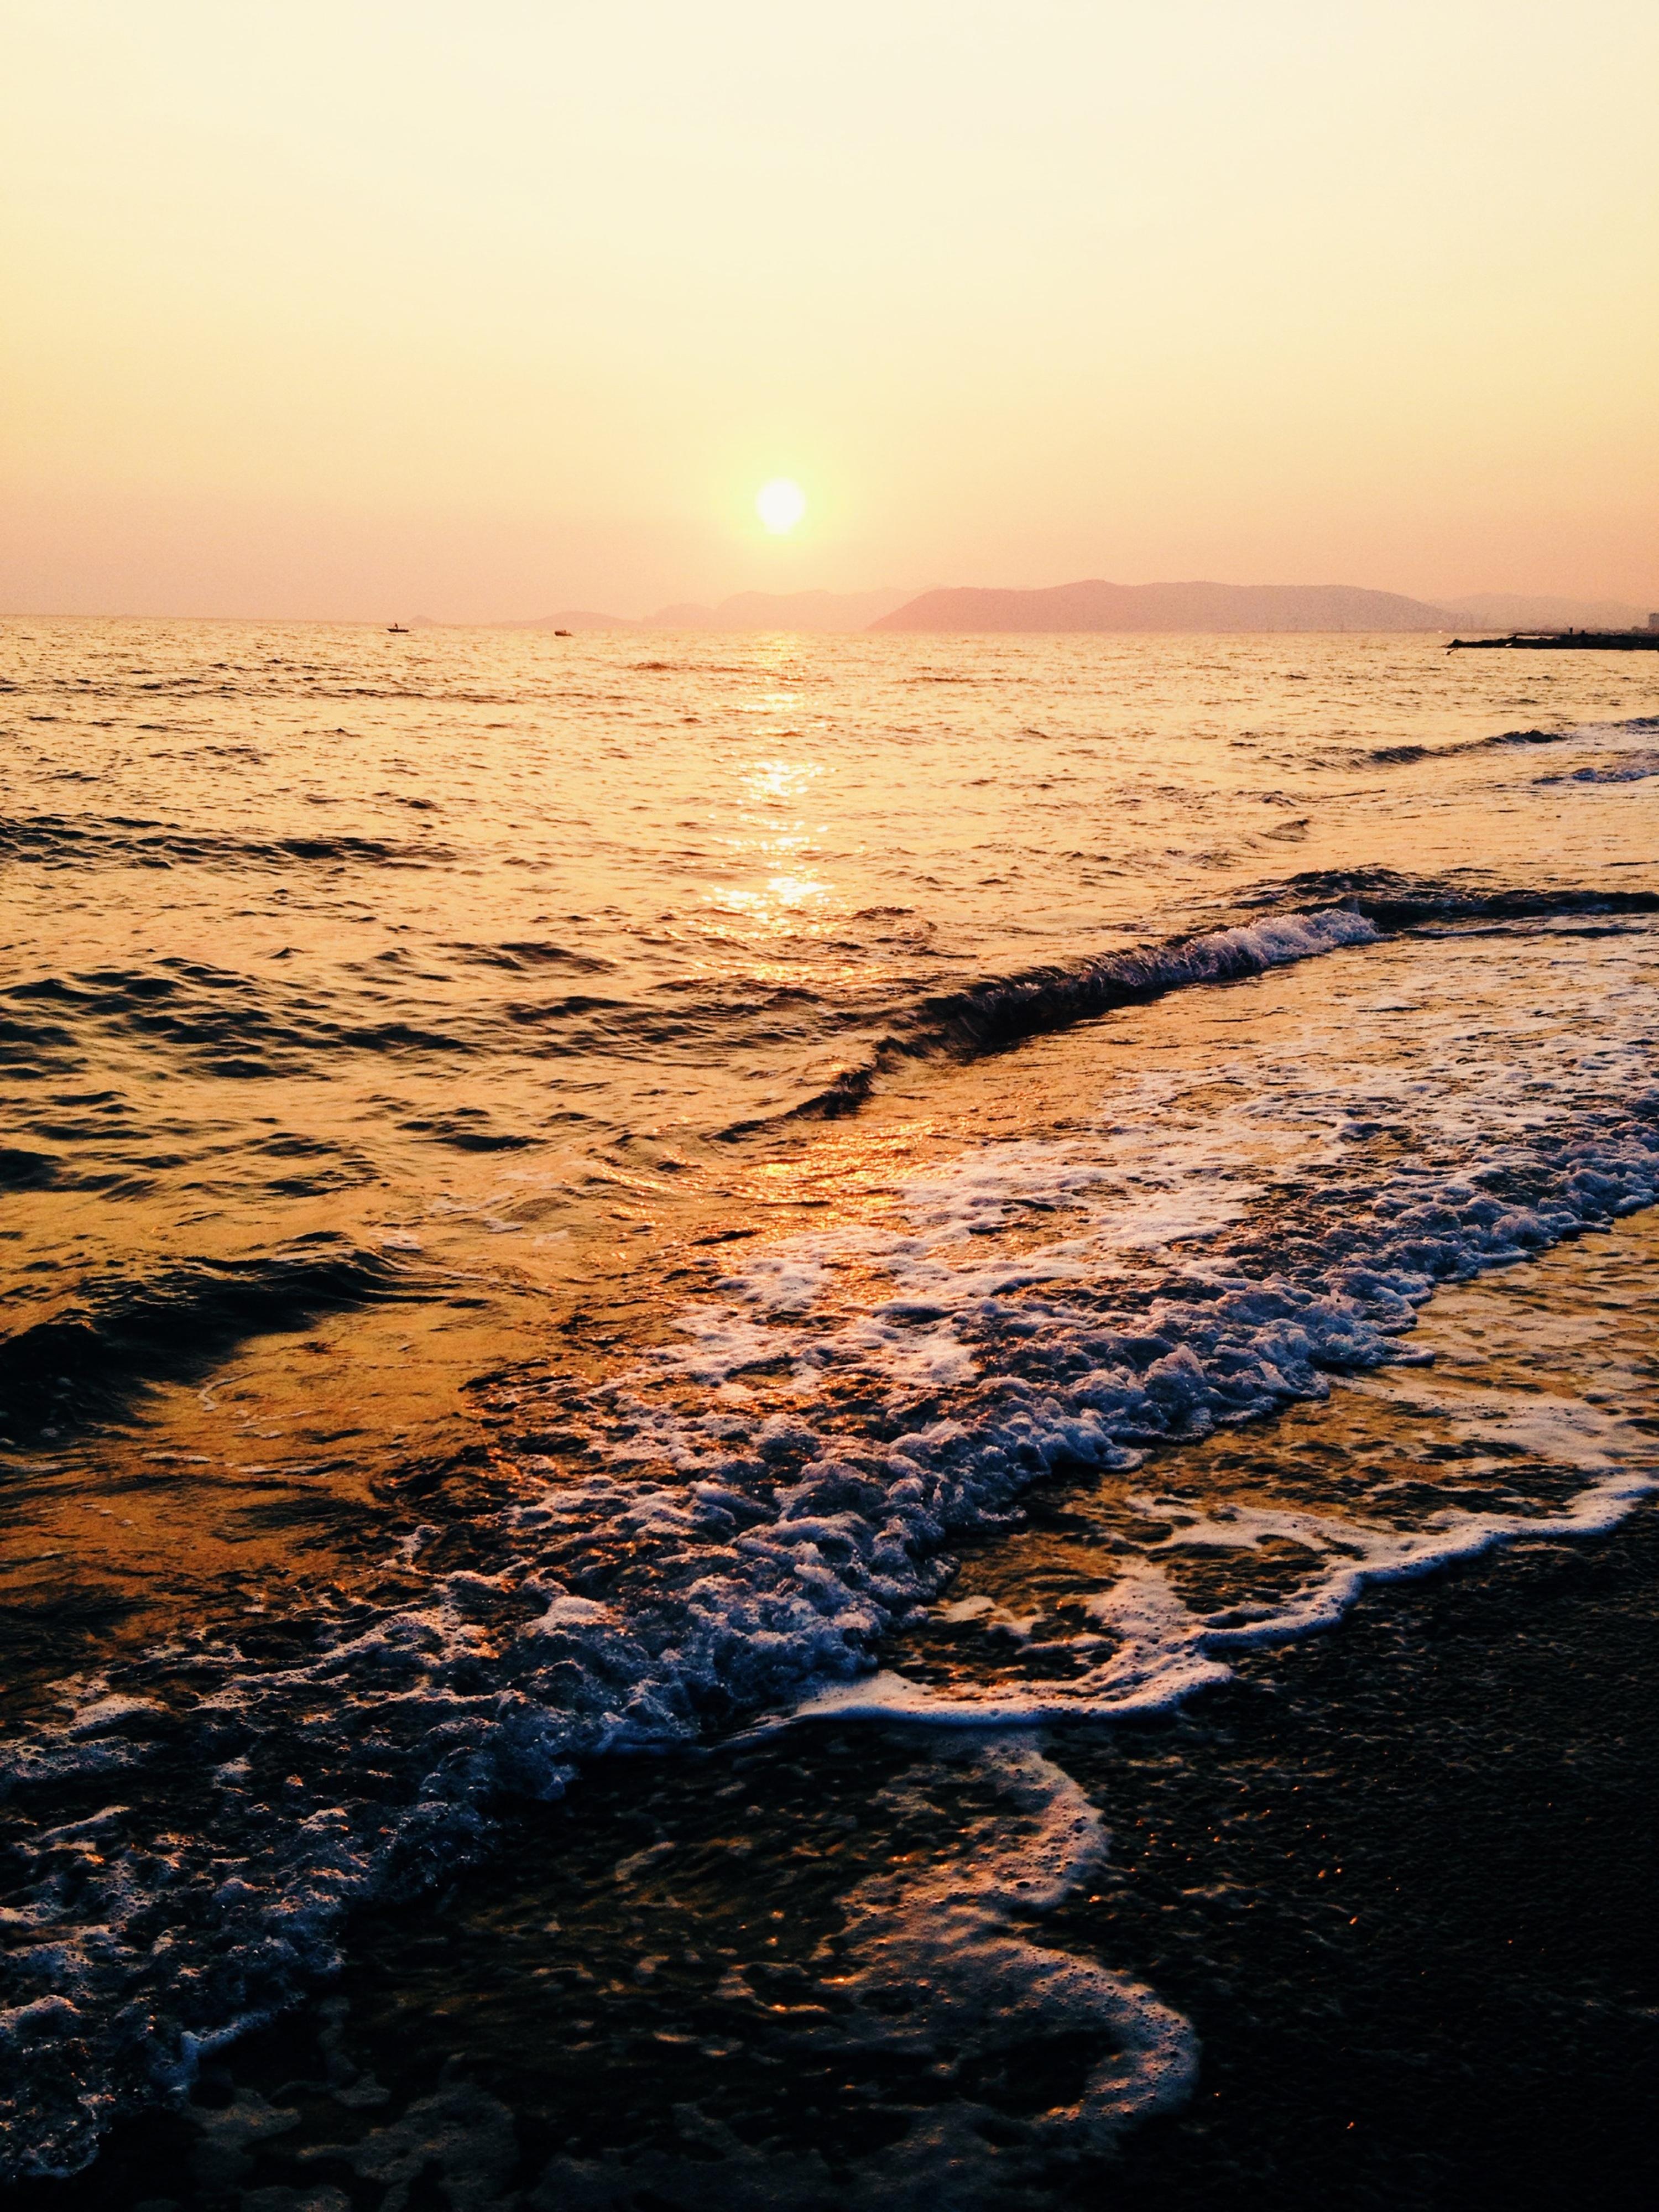 чем фото с телефона у берега моря навсегда оставите памяти